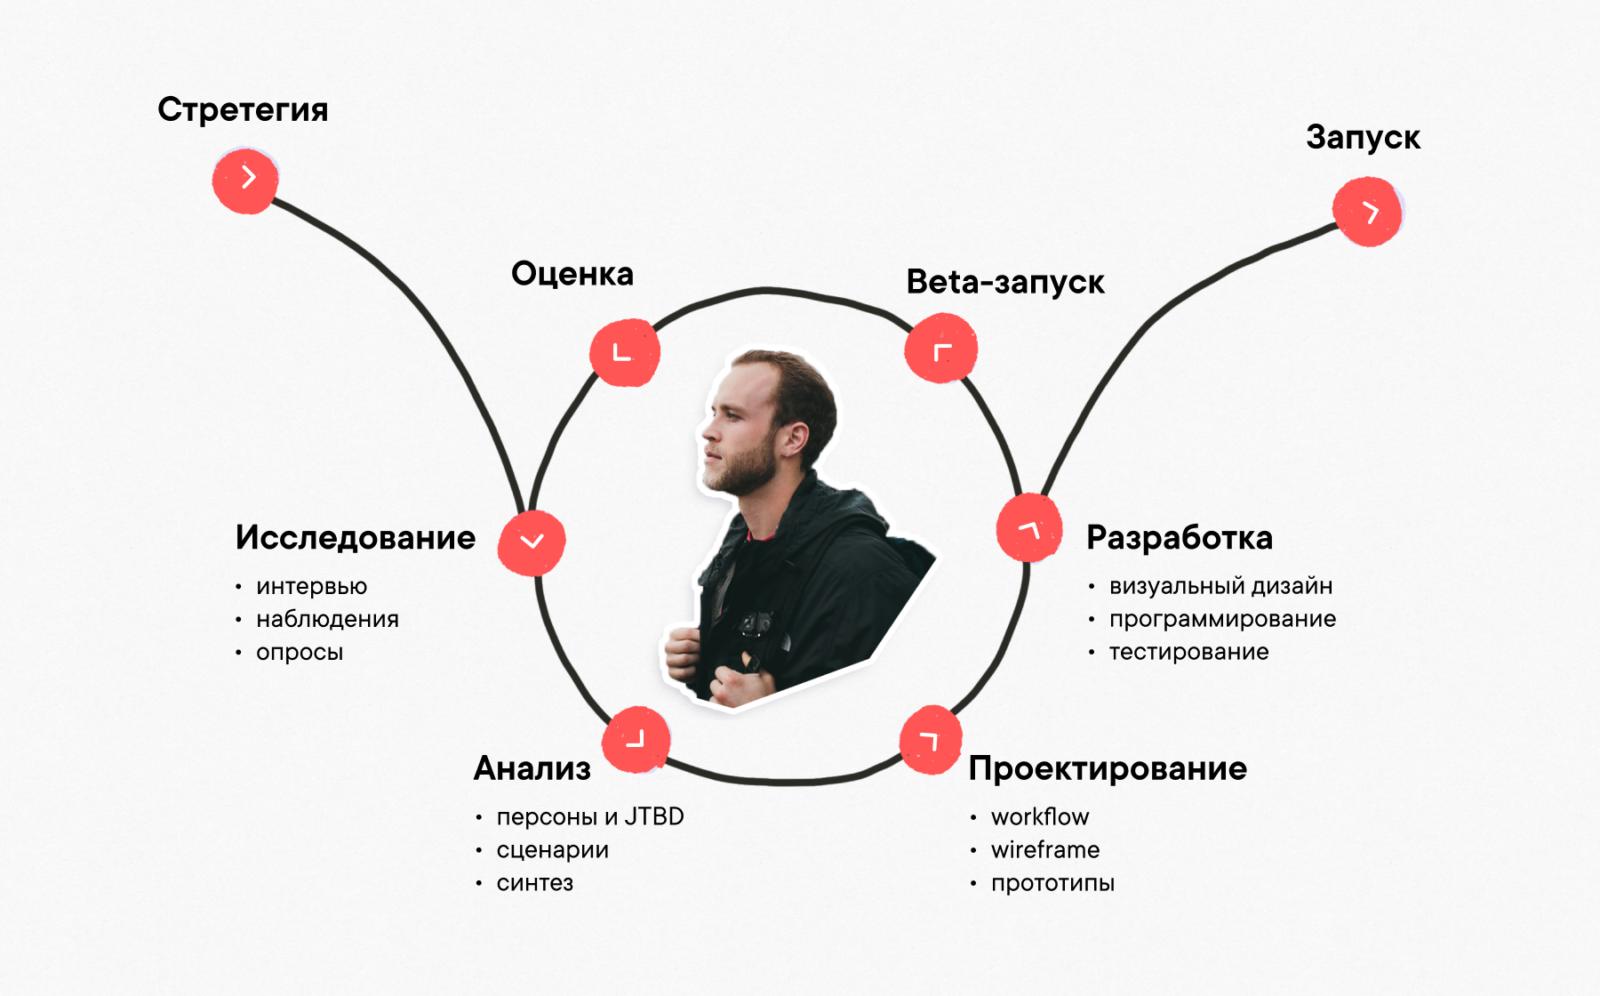 Процесс продуктового дизайна: от стратегии до запуска и корректировки (User-centered design).